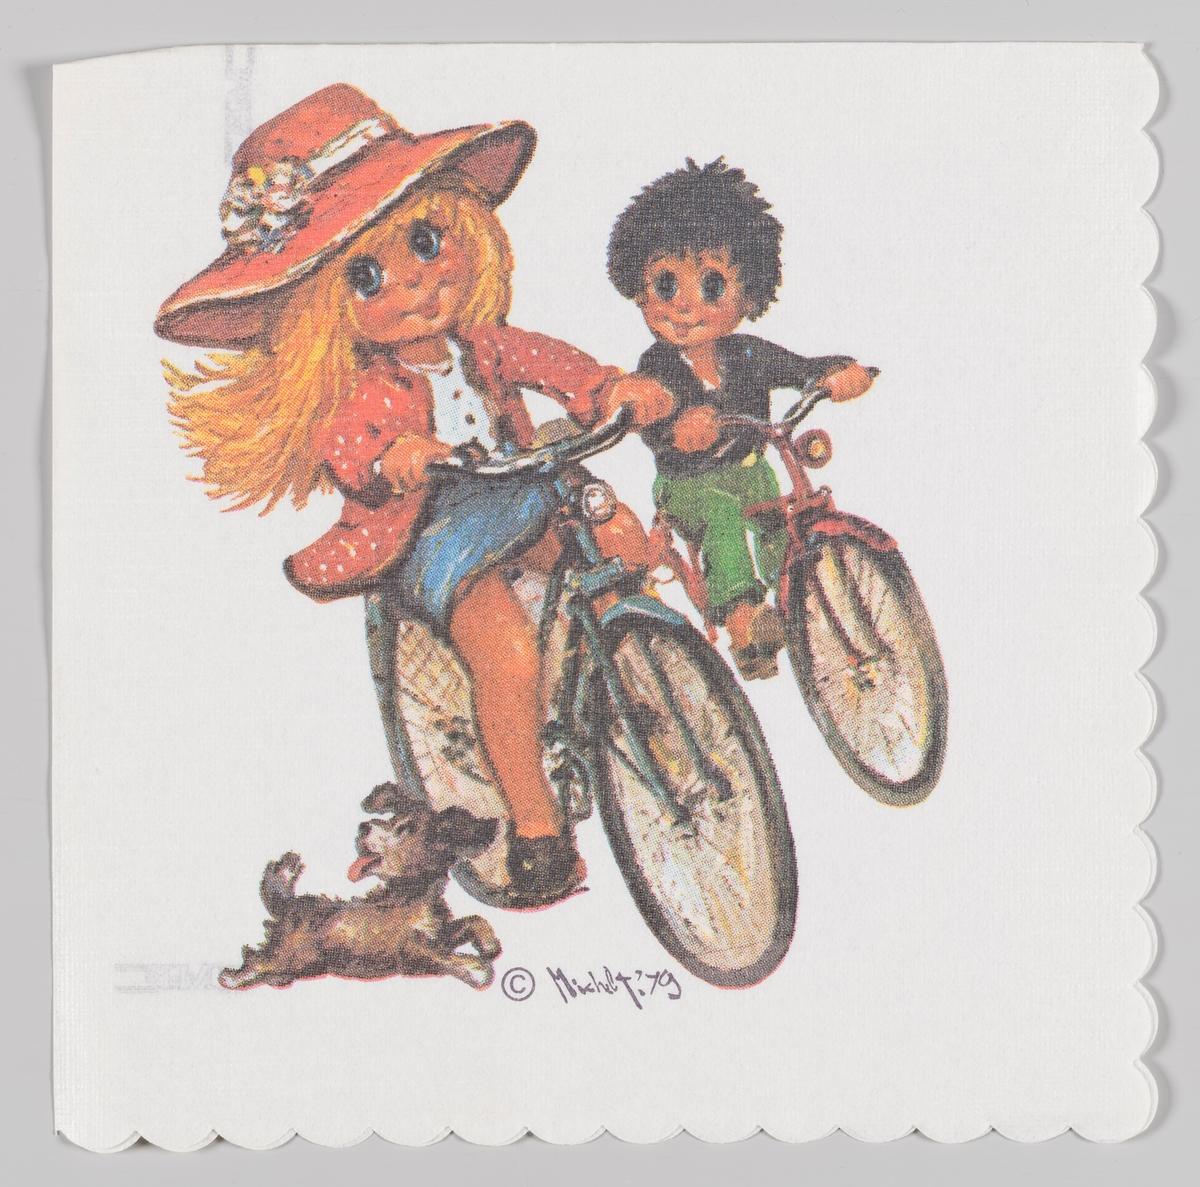 En jente og en gutt som sykler sammen med en løpende hund. Jenta har hatt, jakke og skjørt. Gutten har skjorte og bukse.